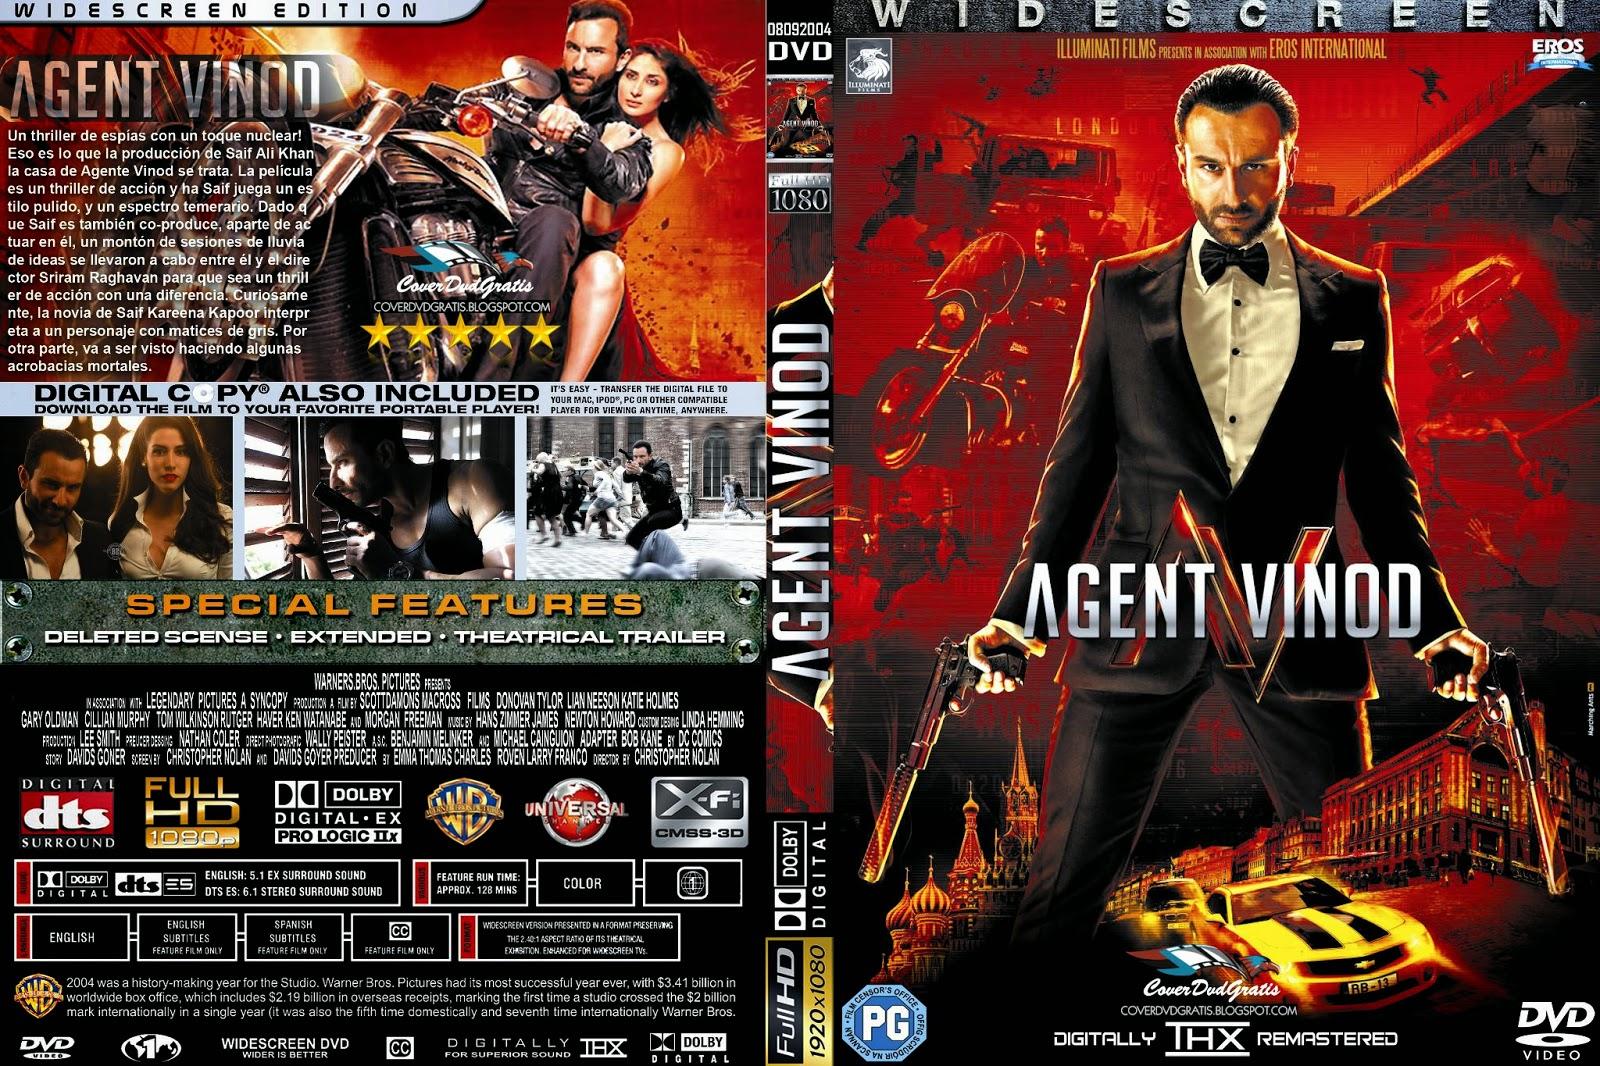 Agent Vinod 2012 DVD COVER - CoverDvdGratis